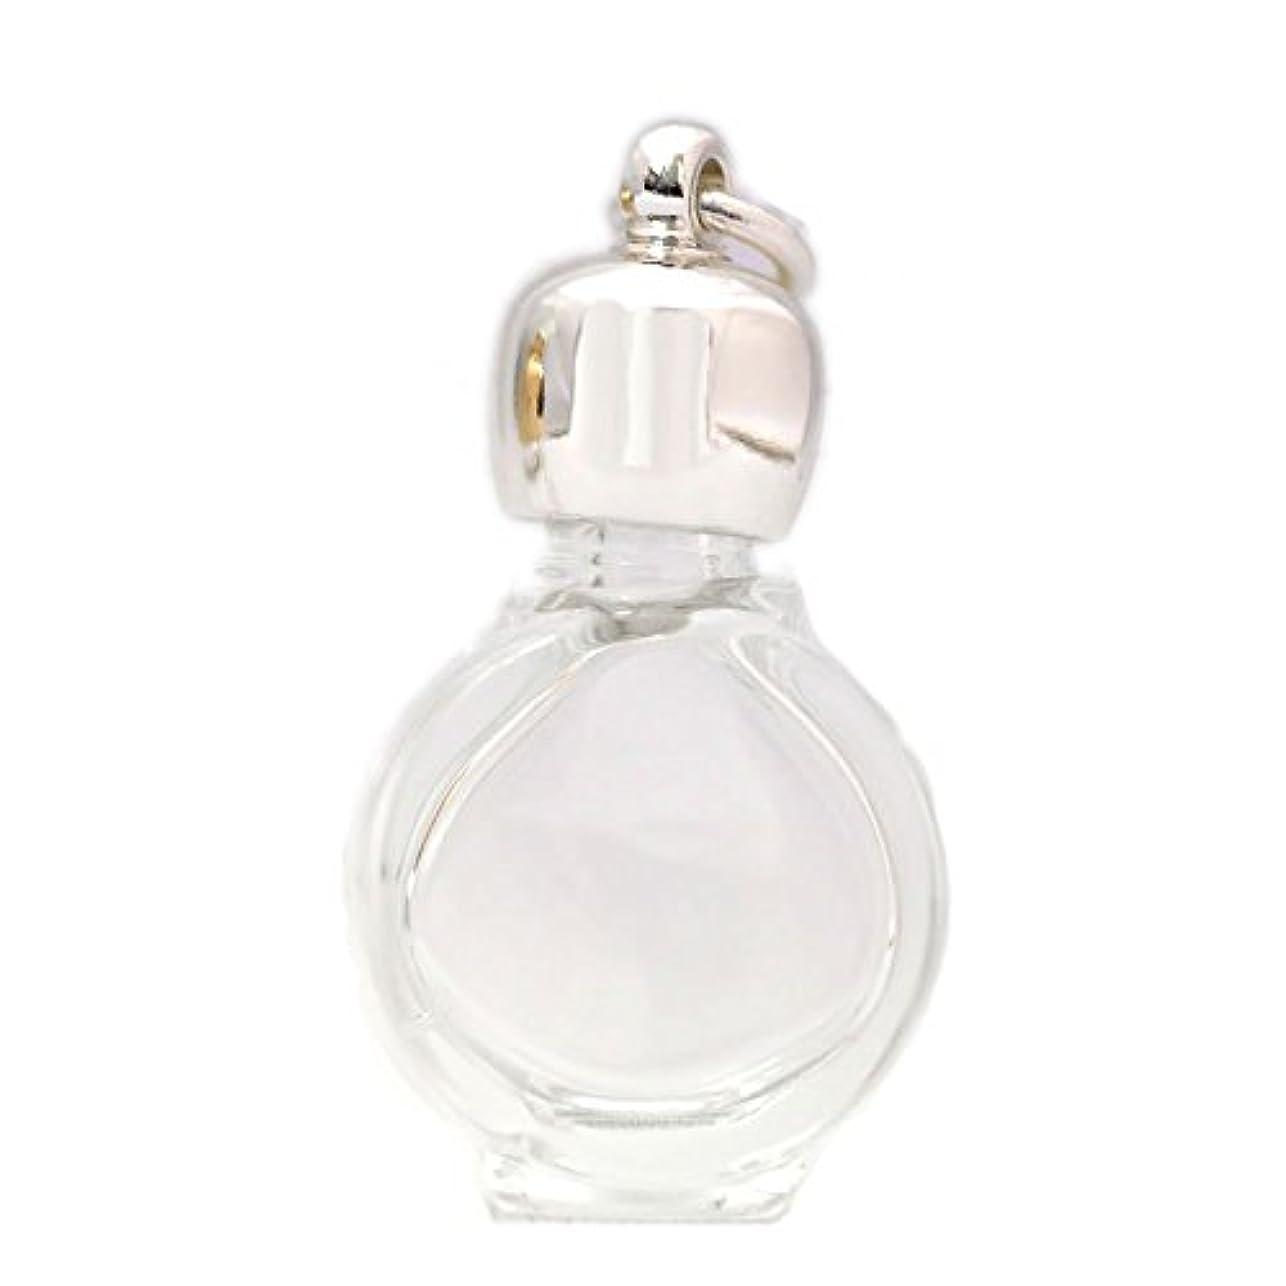 言語マトン感謝ミニ香水瓶 アロマペンダントトップ タイコスキ(透明)1ml?シルバー?穴あきキャップ、パッキン付属